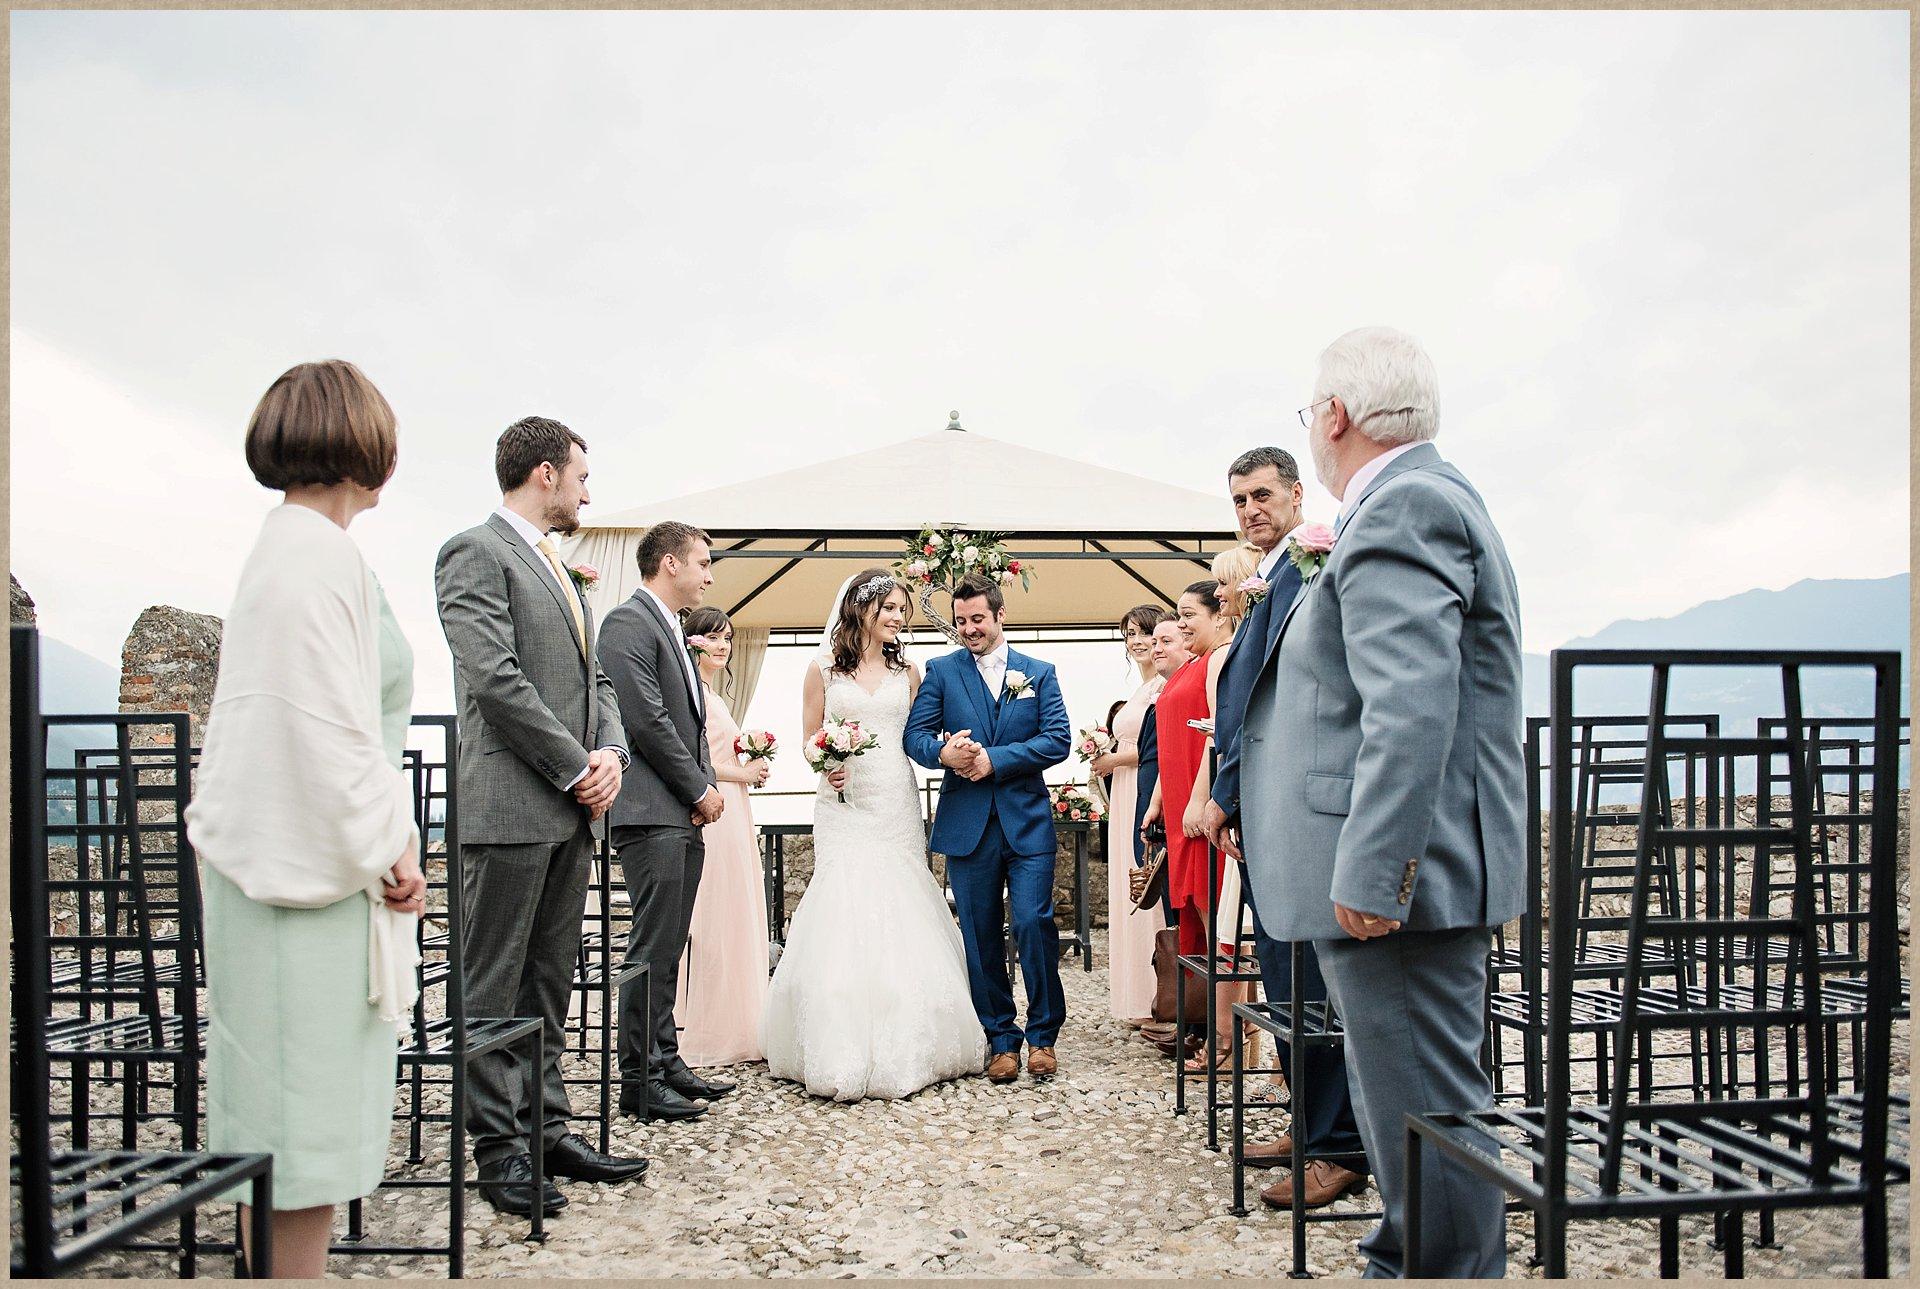 Wedding procession - Malcesine castle